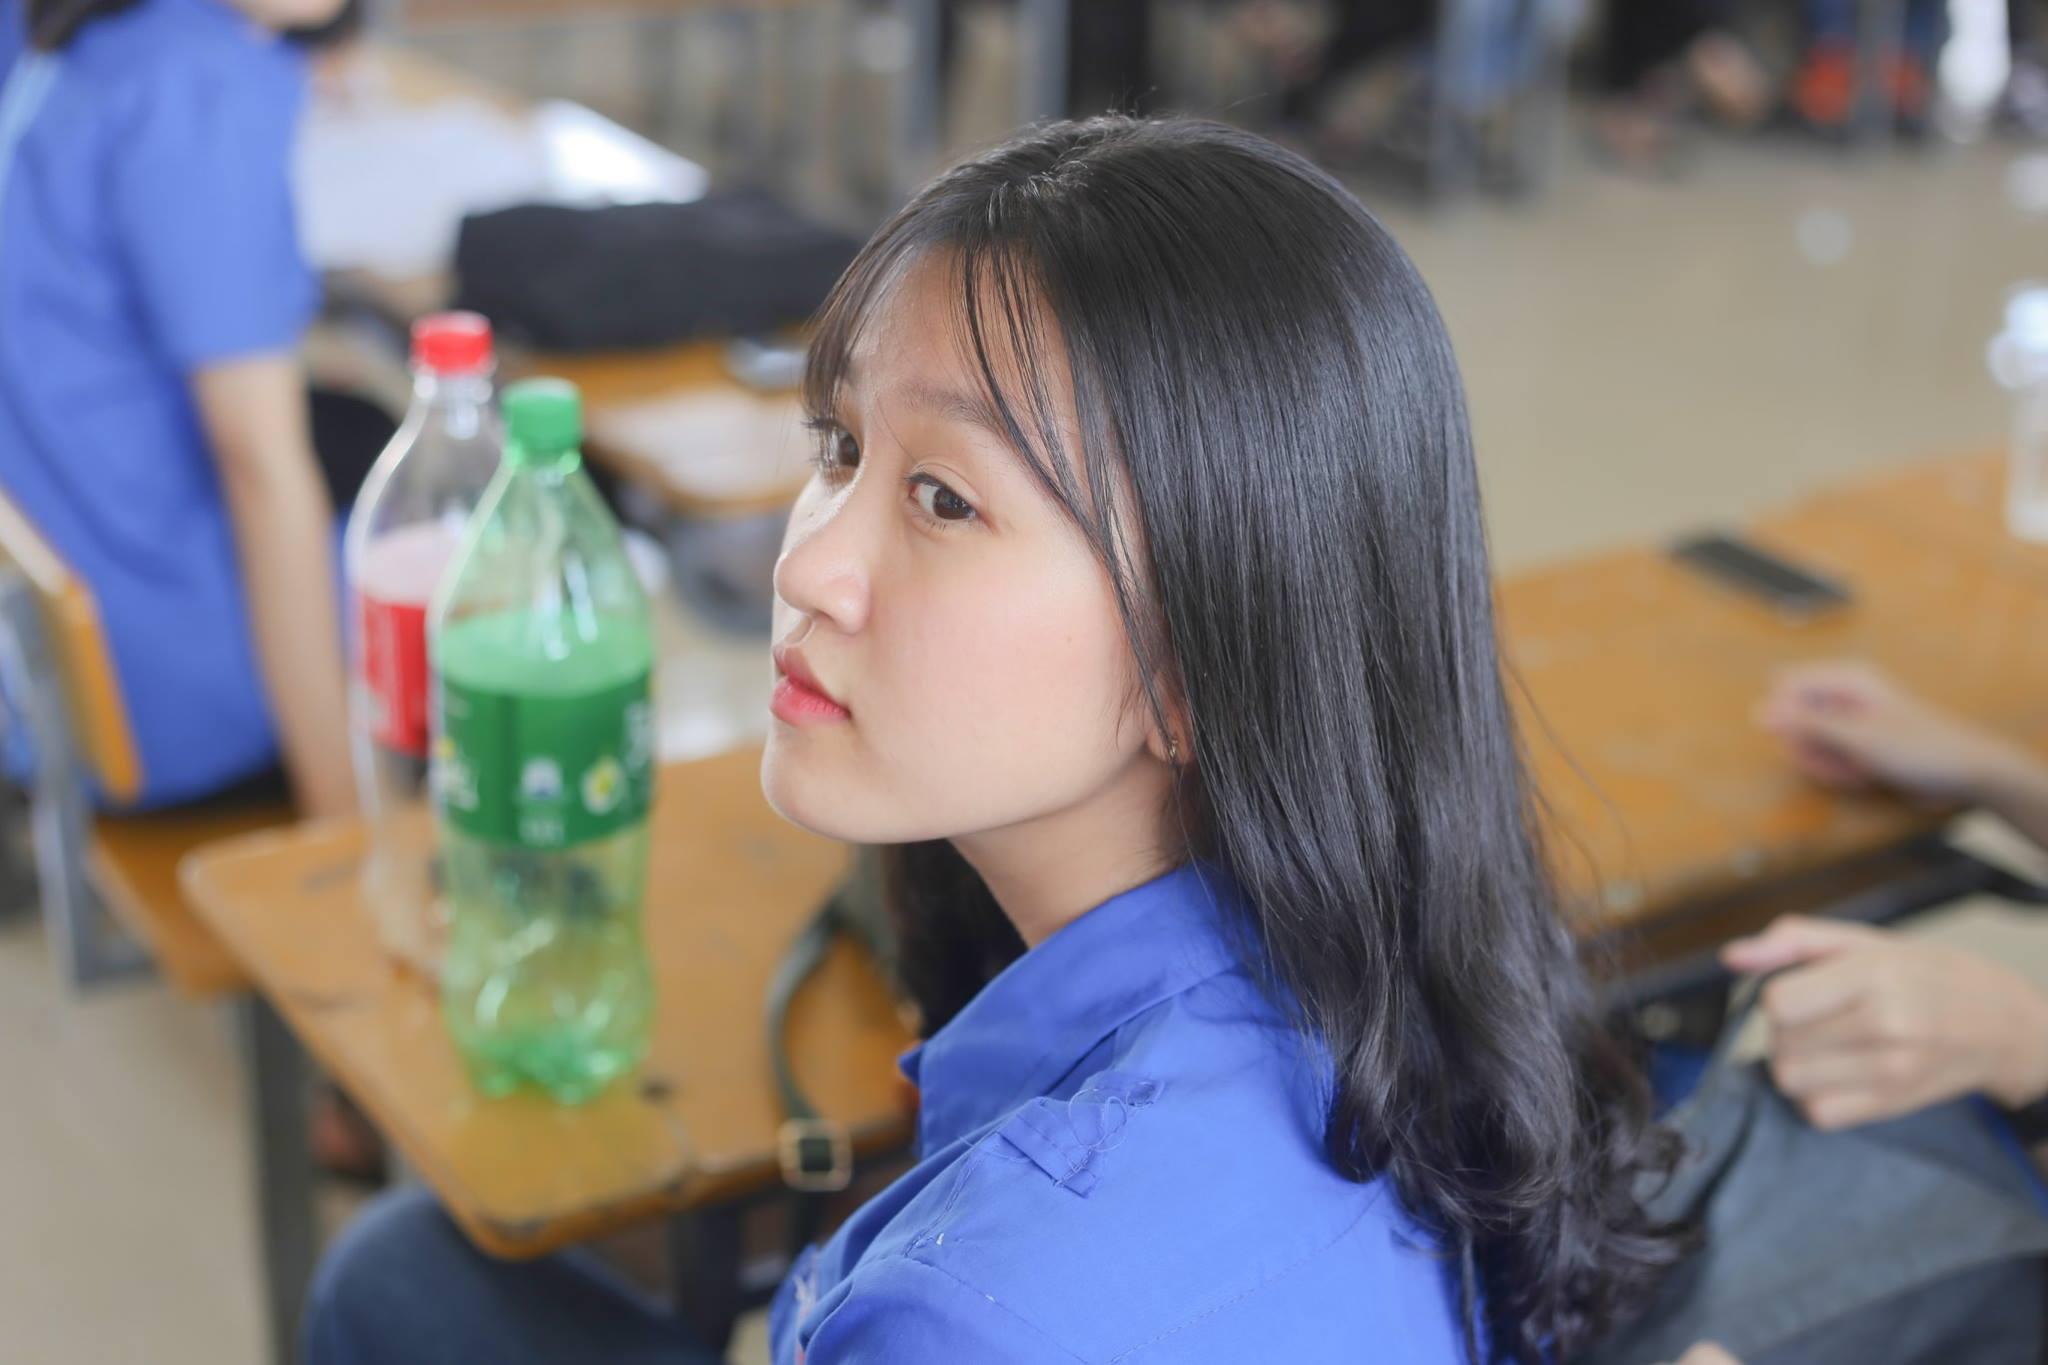 Hoá ra trường chuyên ĐH Vinh (Nghệ An) cũng nhiều con gái xinh ghê! - Ảnh 8.